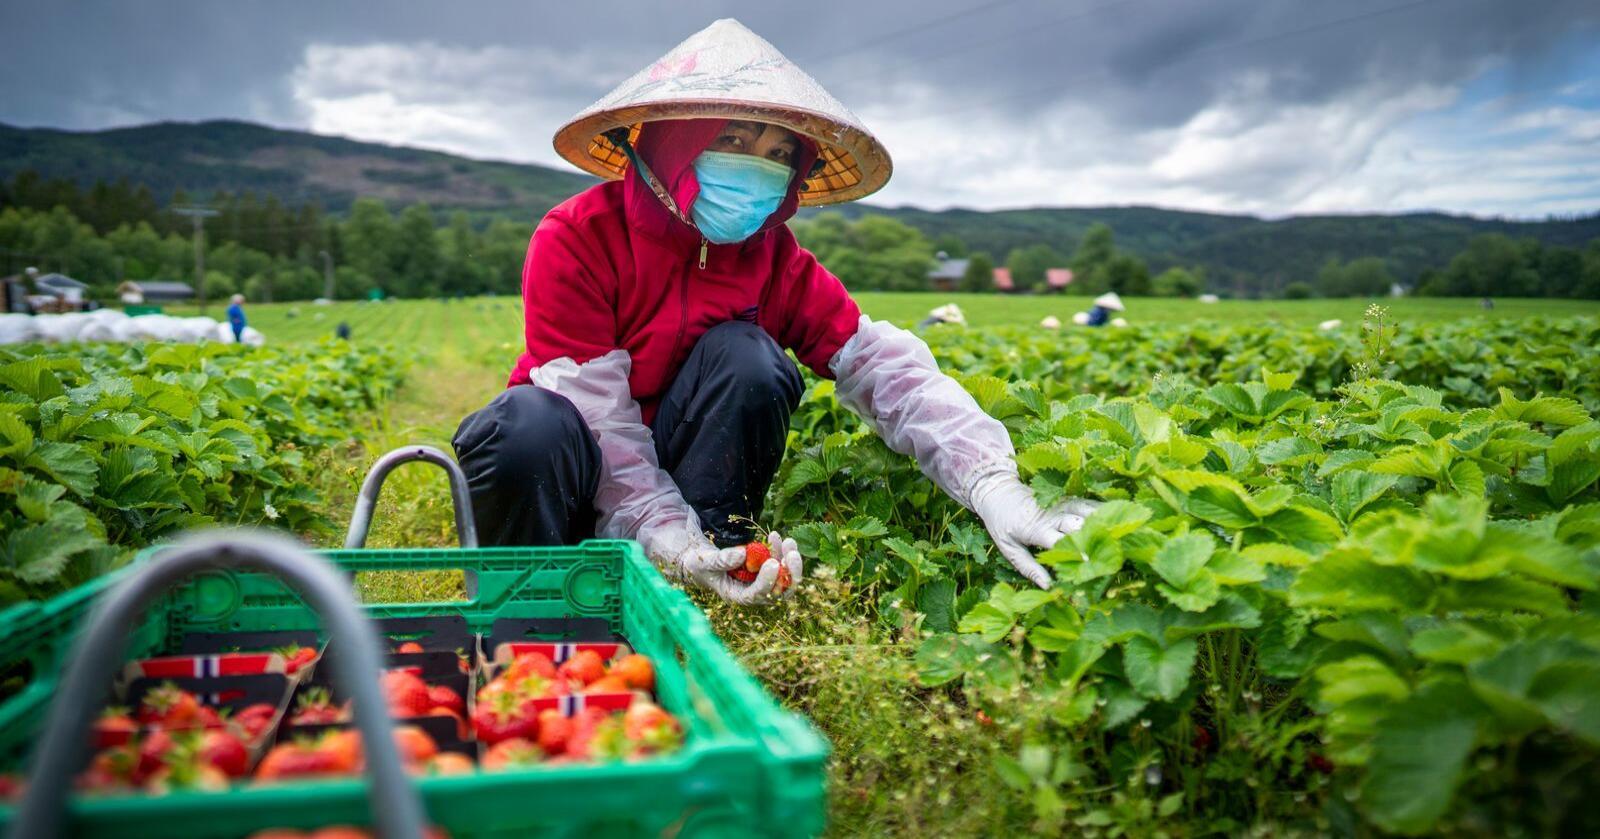 Tung jobb: Det er ikke gjort i en håndvending å skaffe 30.000 motiverte sesongarbeidere innenfor landegrensene. Foto: Heiko Junge / NTB